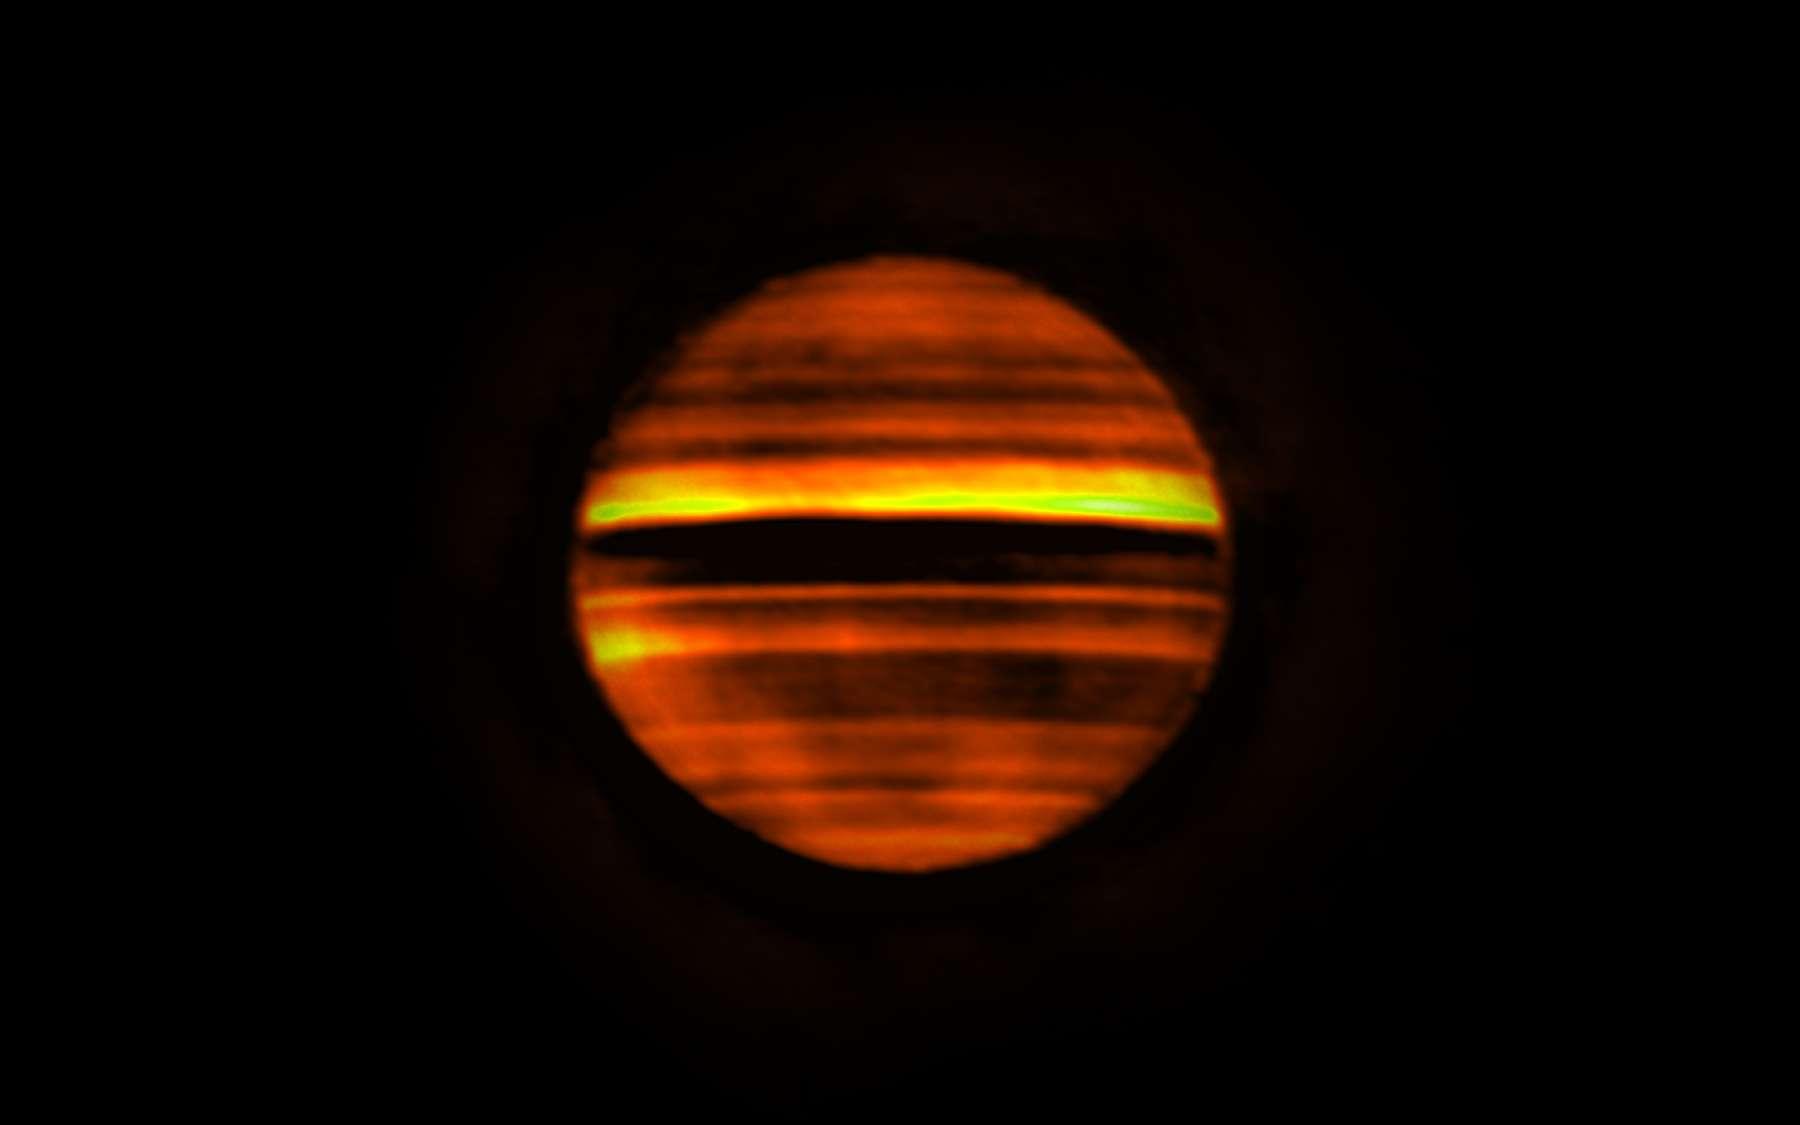 Voici en fausses couleurs une image radio de Jupiter réalisée avec Alma. Les bandes lumineuses indiquent les températures élevées et les bandes sombres les températures basses. Les bandes sombres correspondent aux zones sur Jupiter, qui sont souvent blanches aux longueurs d'onde visibles. Les bandes lumineuses correspondent aux ceintures brunes de la planète. Cette image contient plus de 10 heures de données, soit le temps que met Jupiter pour effectuer sa rotation. Par conséquent, la combinaison de ces données trahit la rotation de la planète qui a rendu les détails flous. © Alma (ESO/NAOJ/NRAO), I. de Pater et al.; NRAO/AUI NSF, S. Dagnello